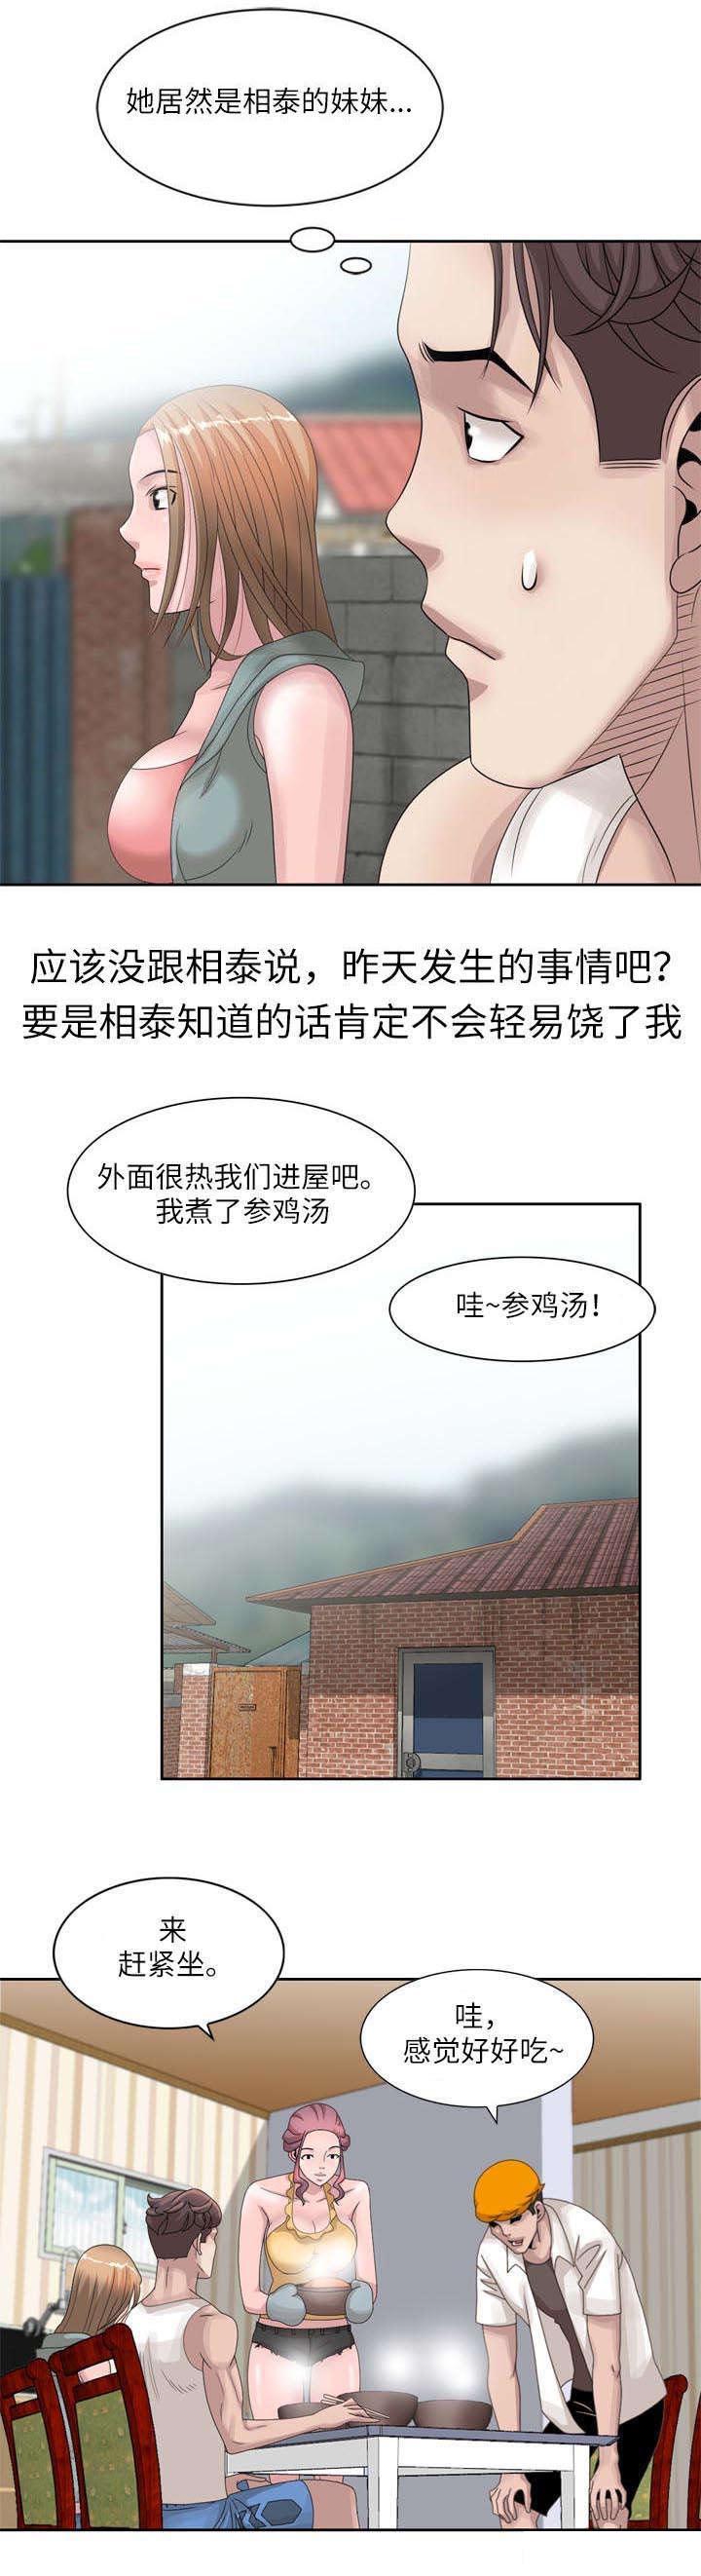 《回乡之旅相泰》(漫画韩漫) (全集免费阅读)